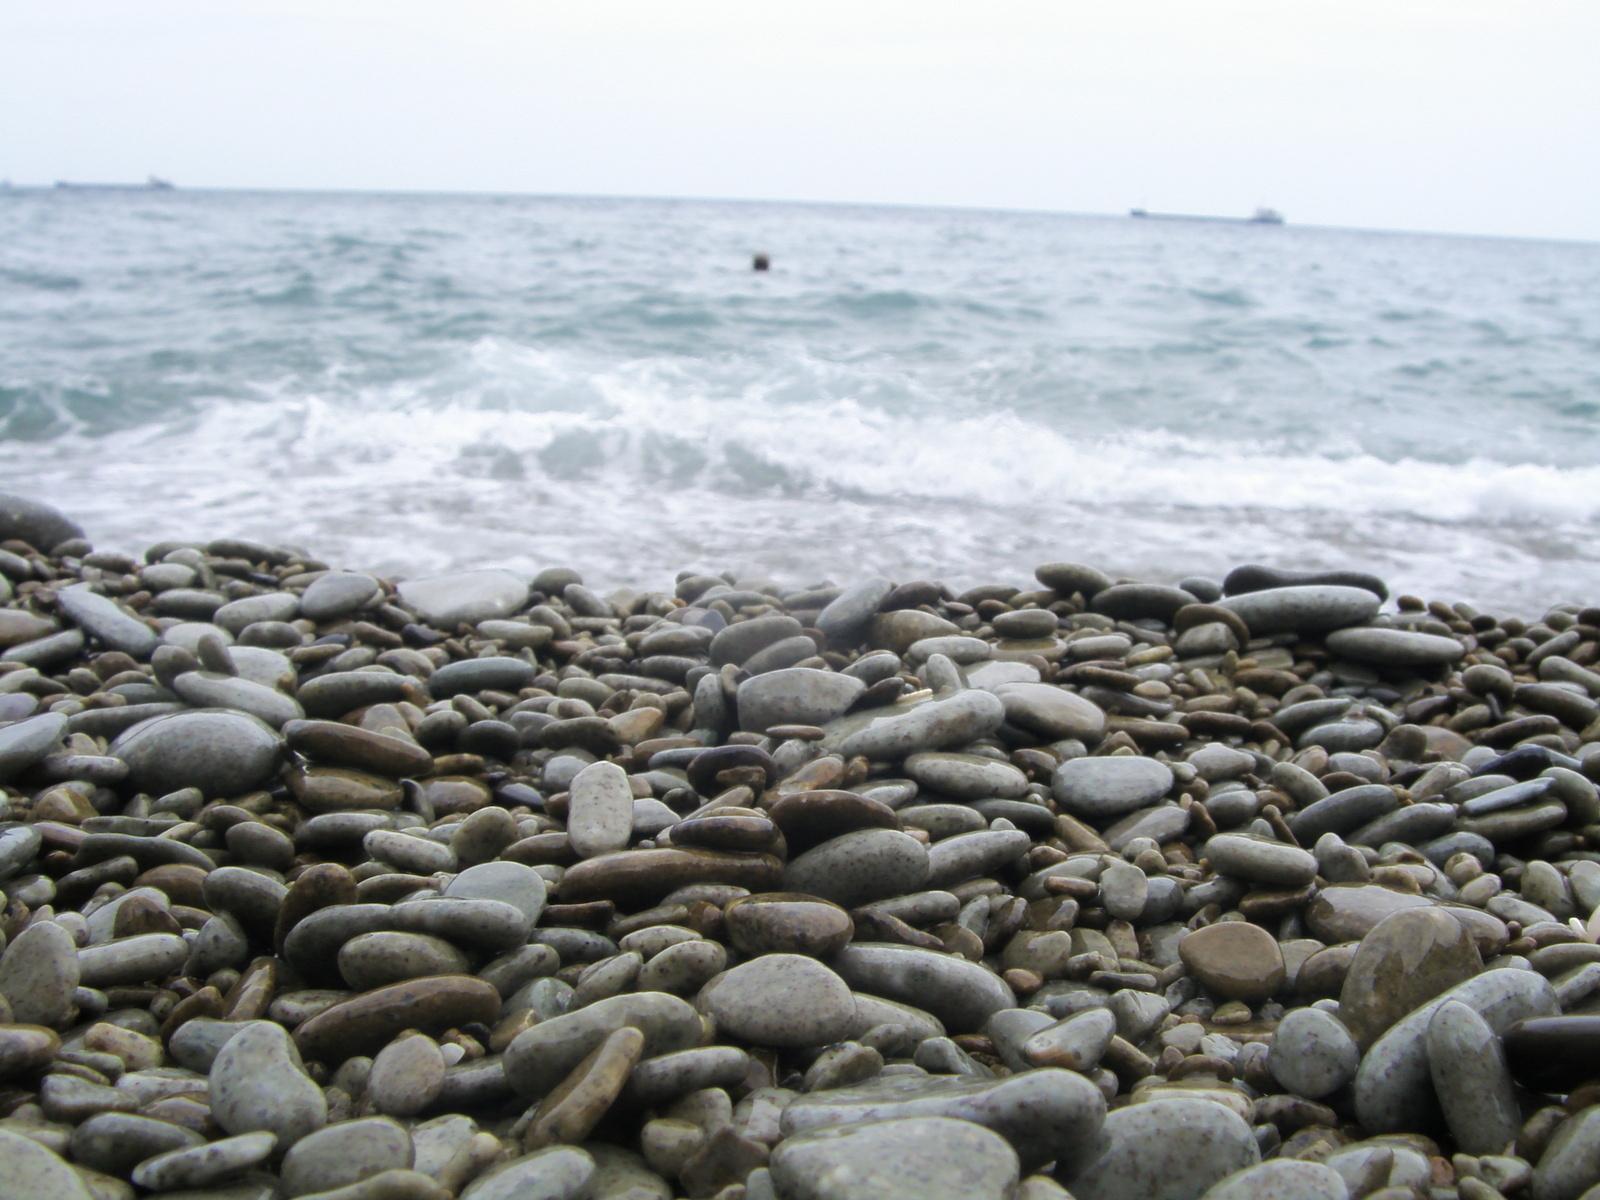 морская галька на побережье моря